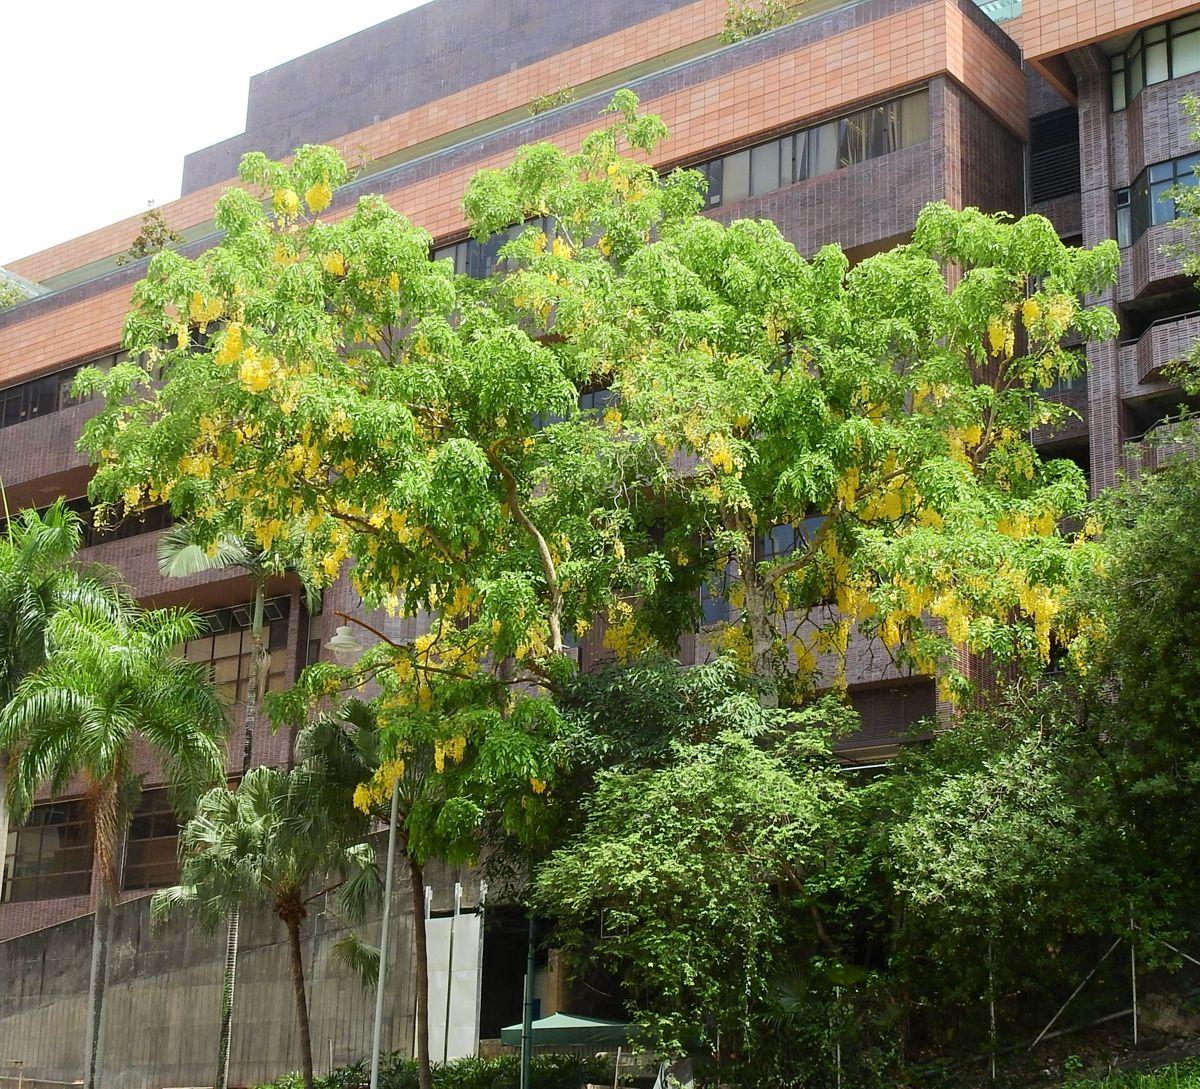 今年初夏,滿城盡是黃金雨。© helen yip